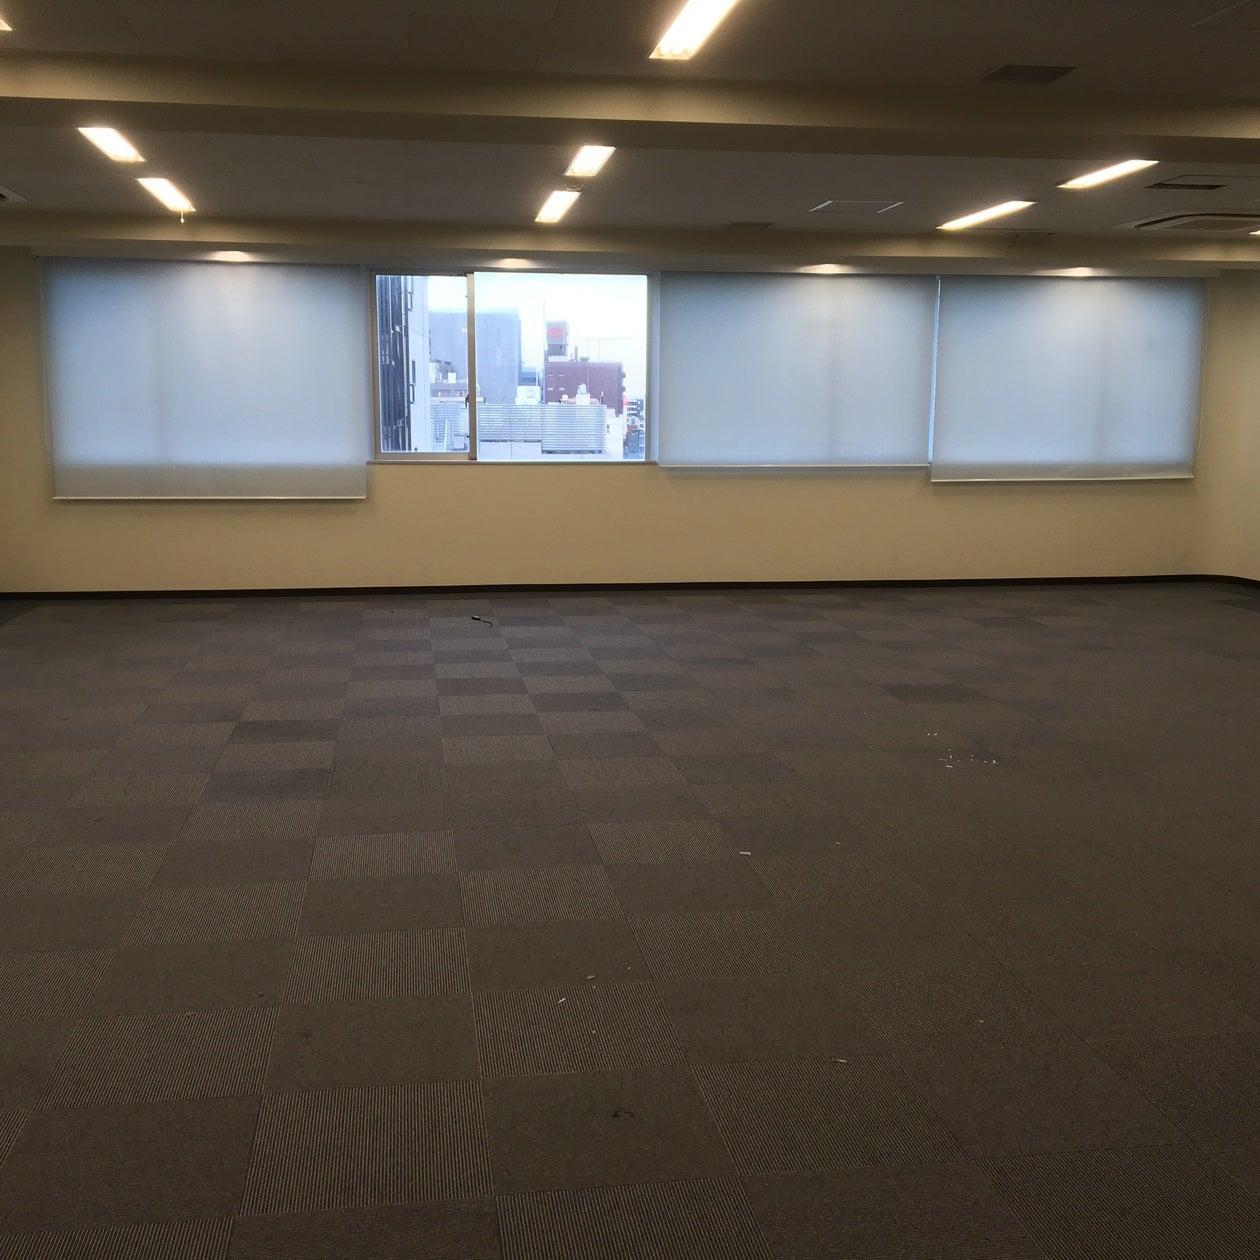 訳アリ値下げ! 銀座線「田原町駅」からすぐ、国際通りに面したビル7階の広々スペース! 会議、イベントなどに最適! の写真